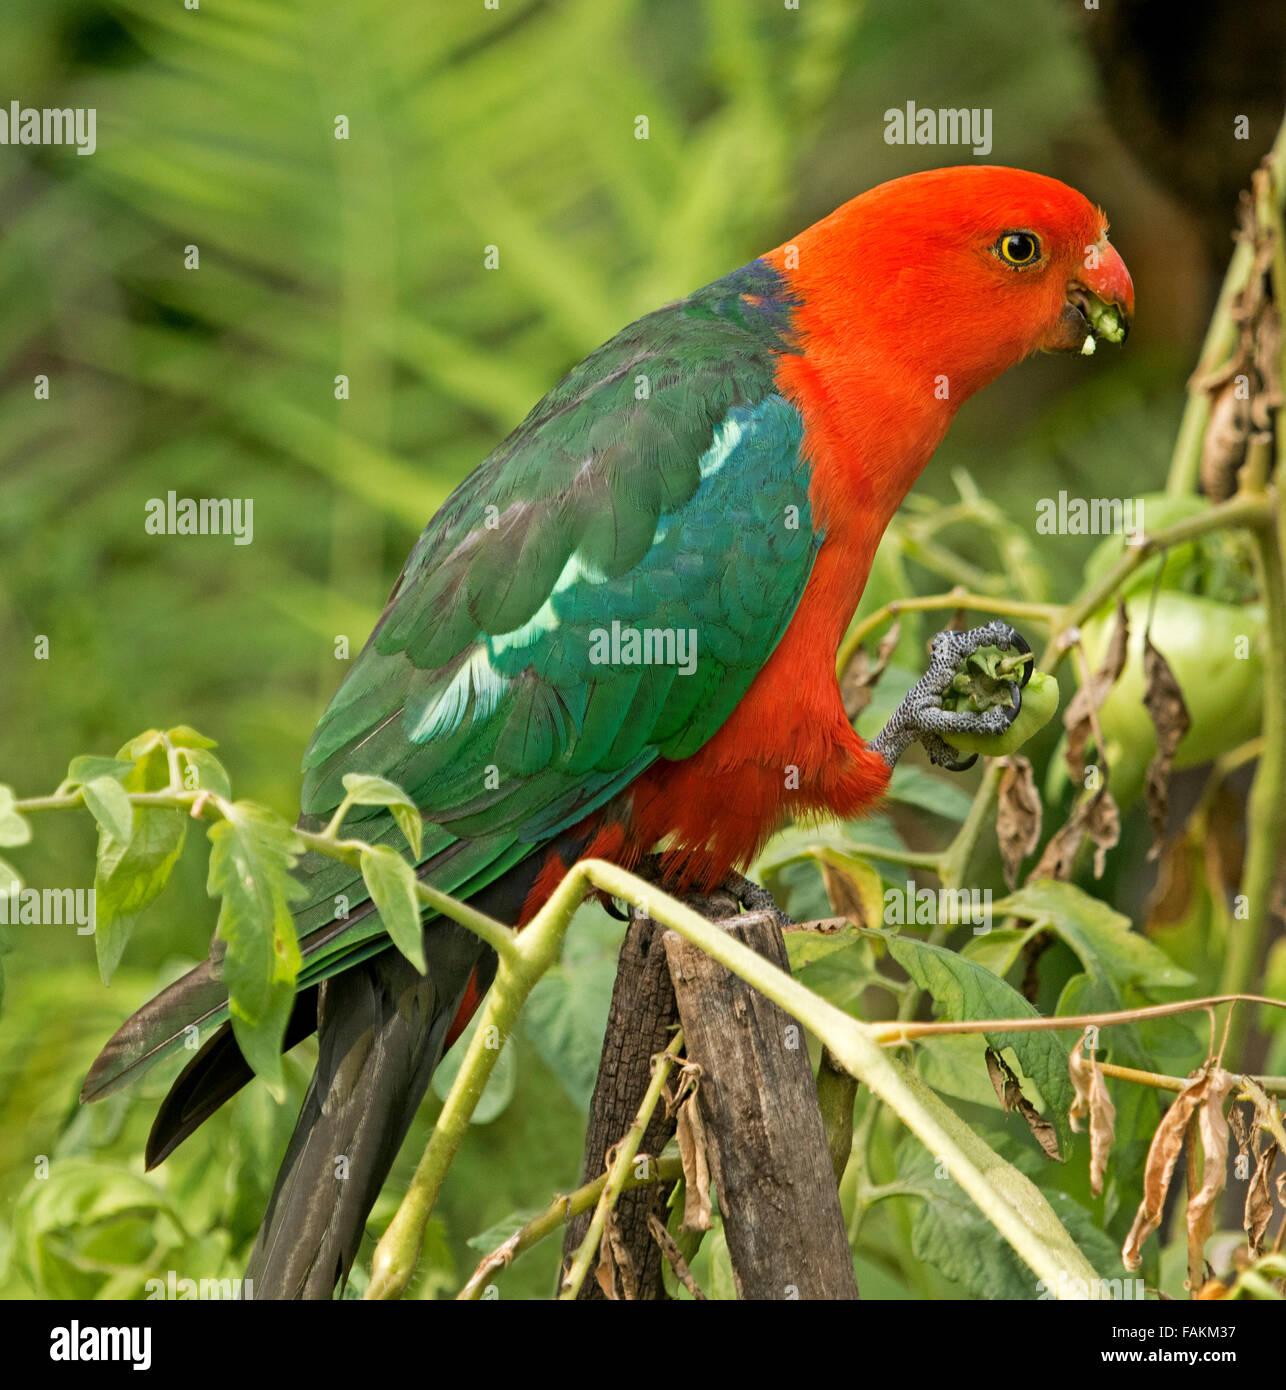 Vert et Rouge vif spectaculaire king parrot Alisterus scapularis mâle sur l'après manger de tomate Photo Stock